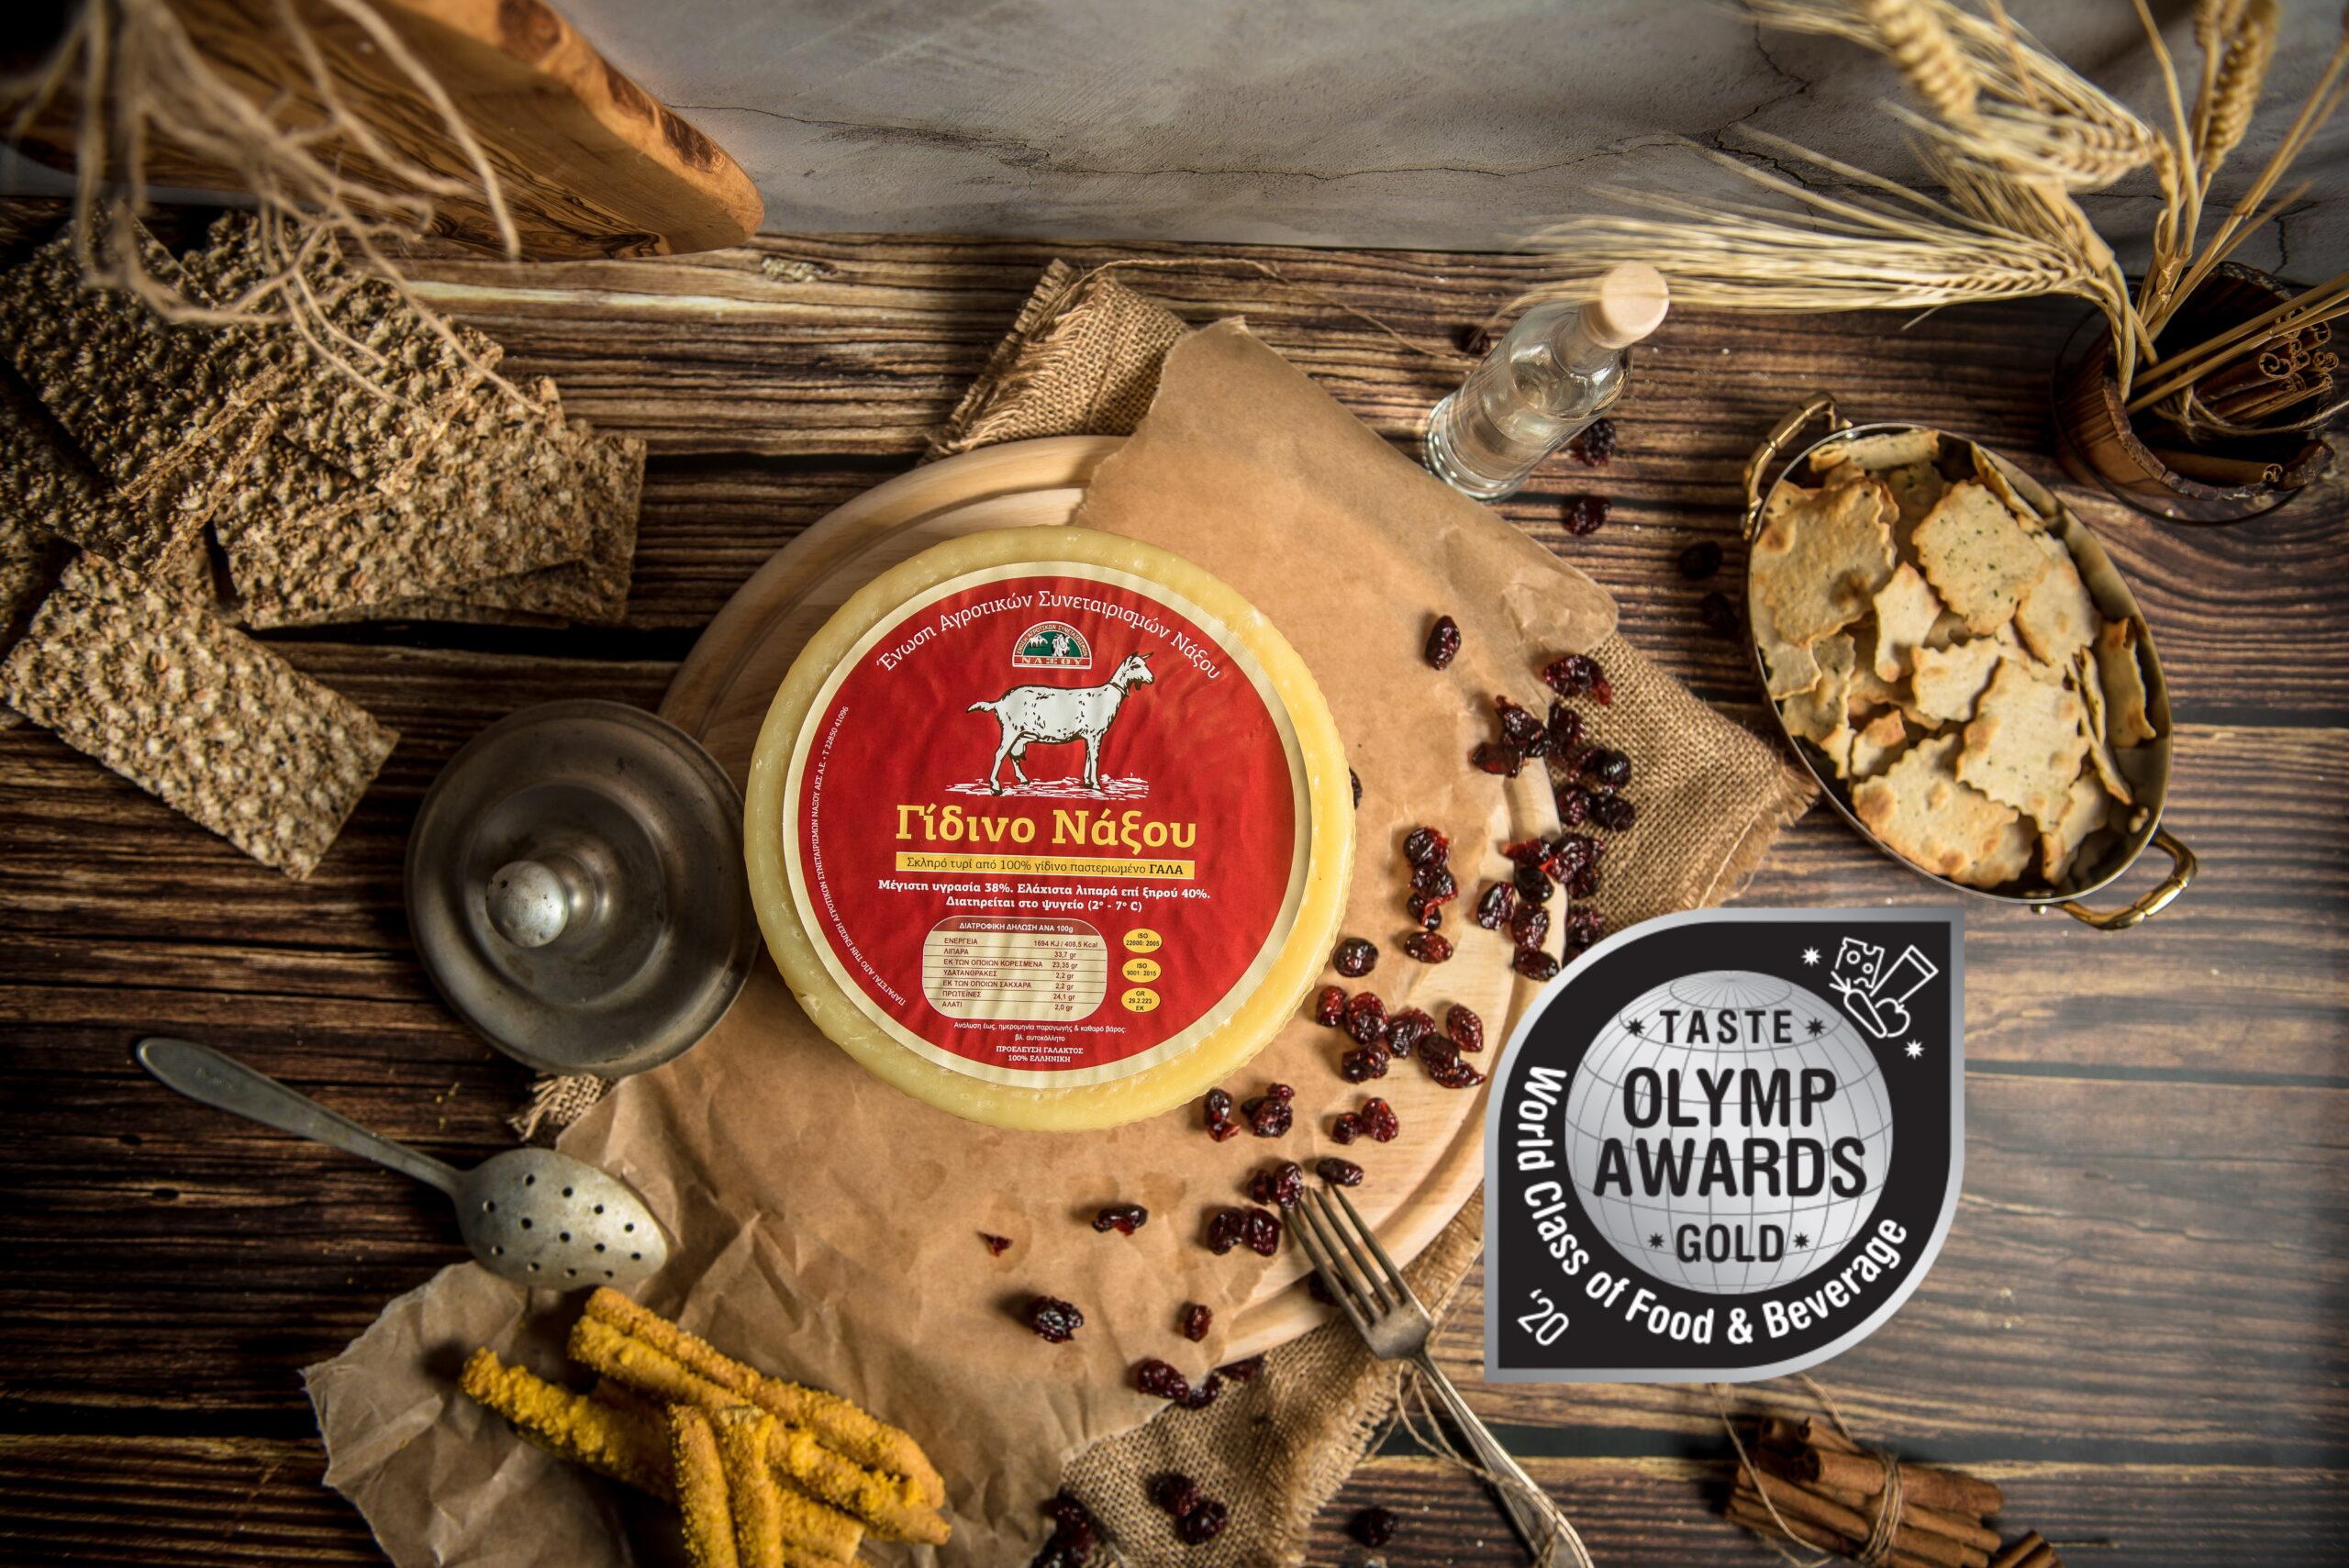 4/4 η Ε.Α.Σ. Νάξου στα Taste Olymp Awards 2020!